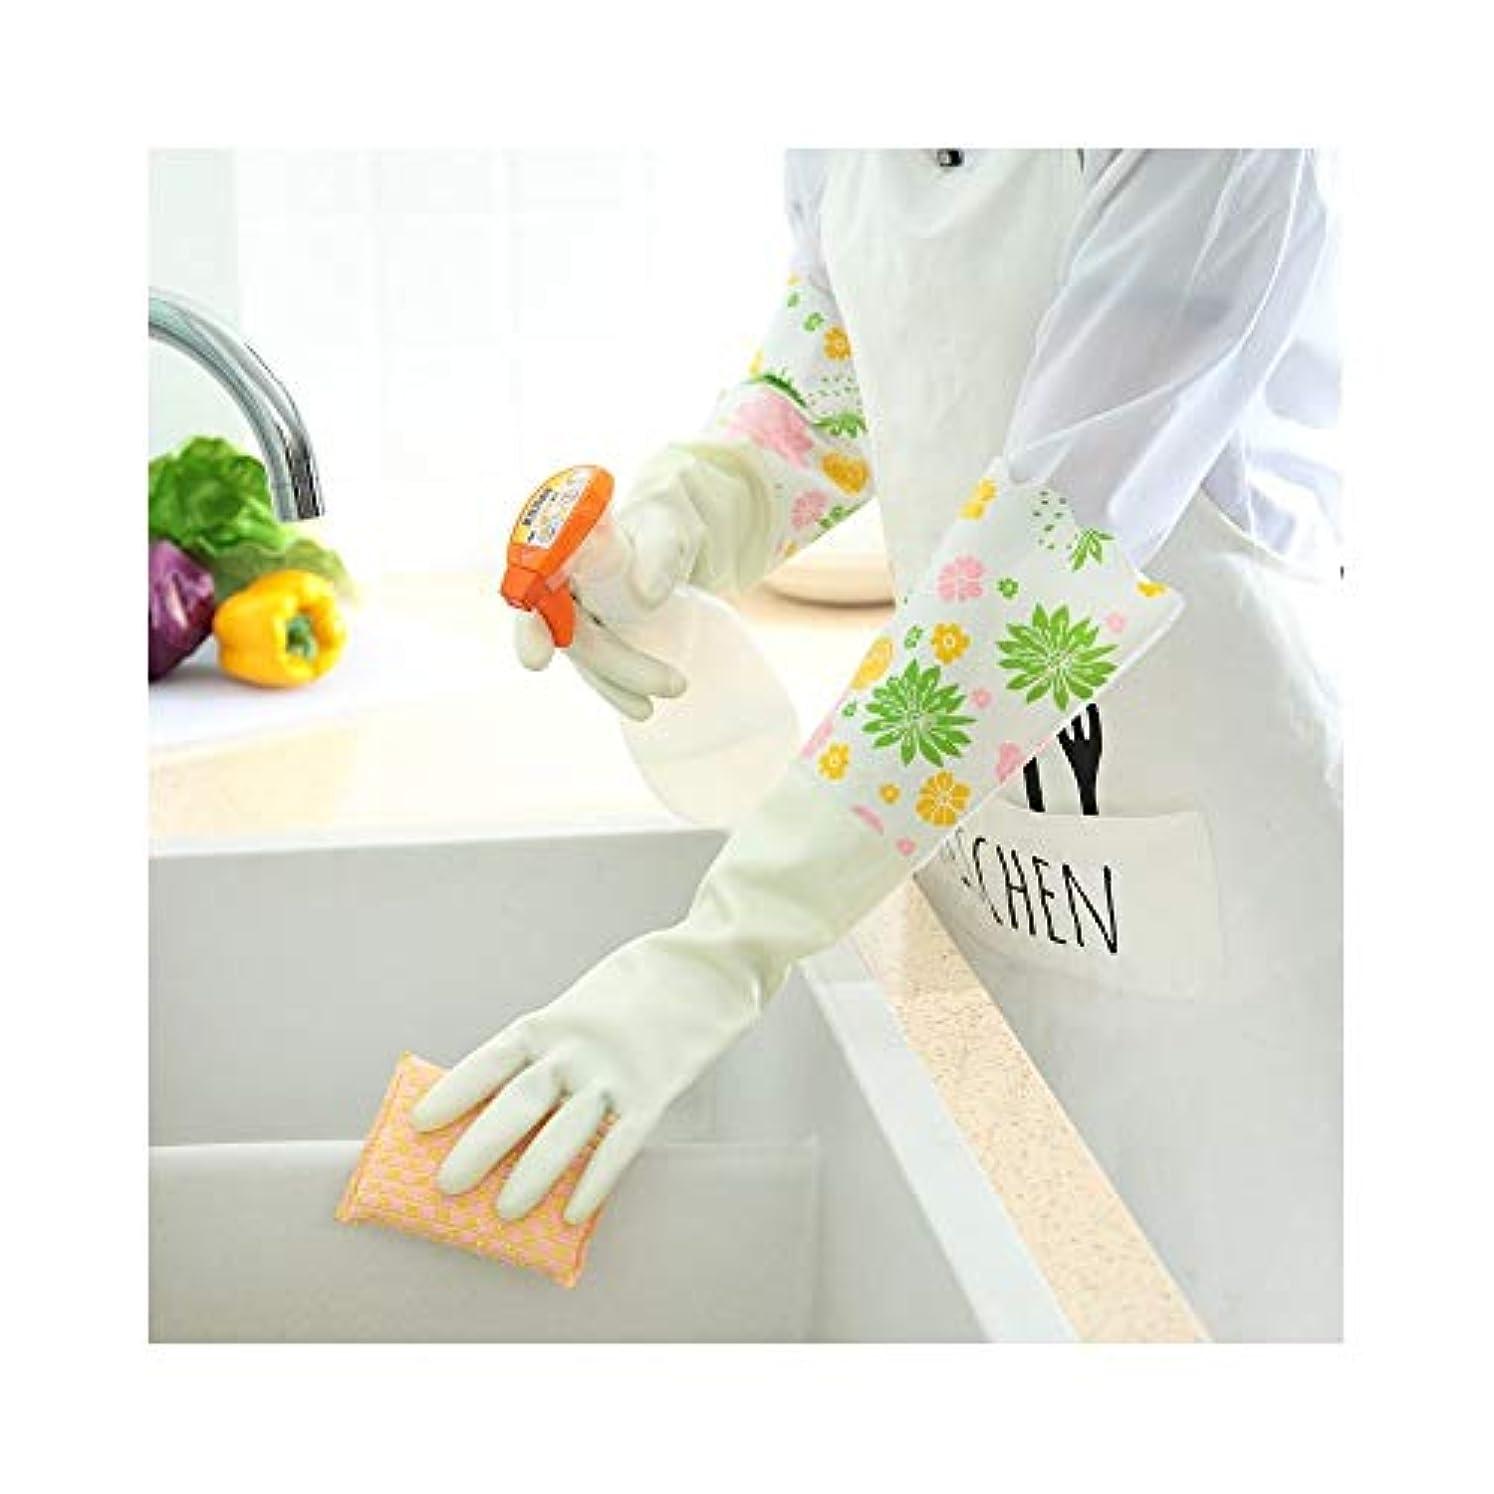 要件嫌がらせ憤るニトリルゴム手袋 キッチン用手袋防水性と耐久性のあるゴム製家事用手袋、1ペア 使い捨て手袋 (Color : GREEN, Size : L)